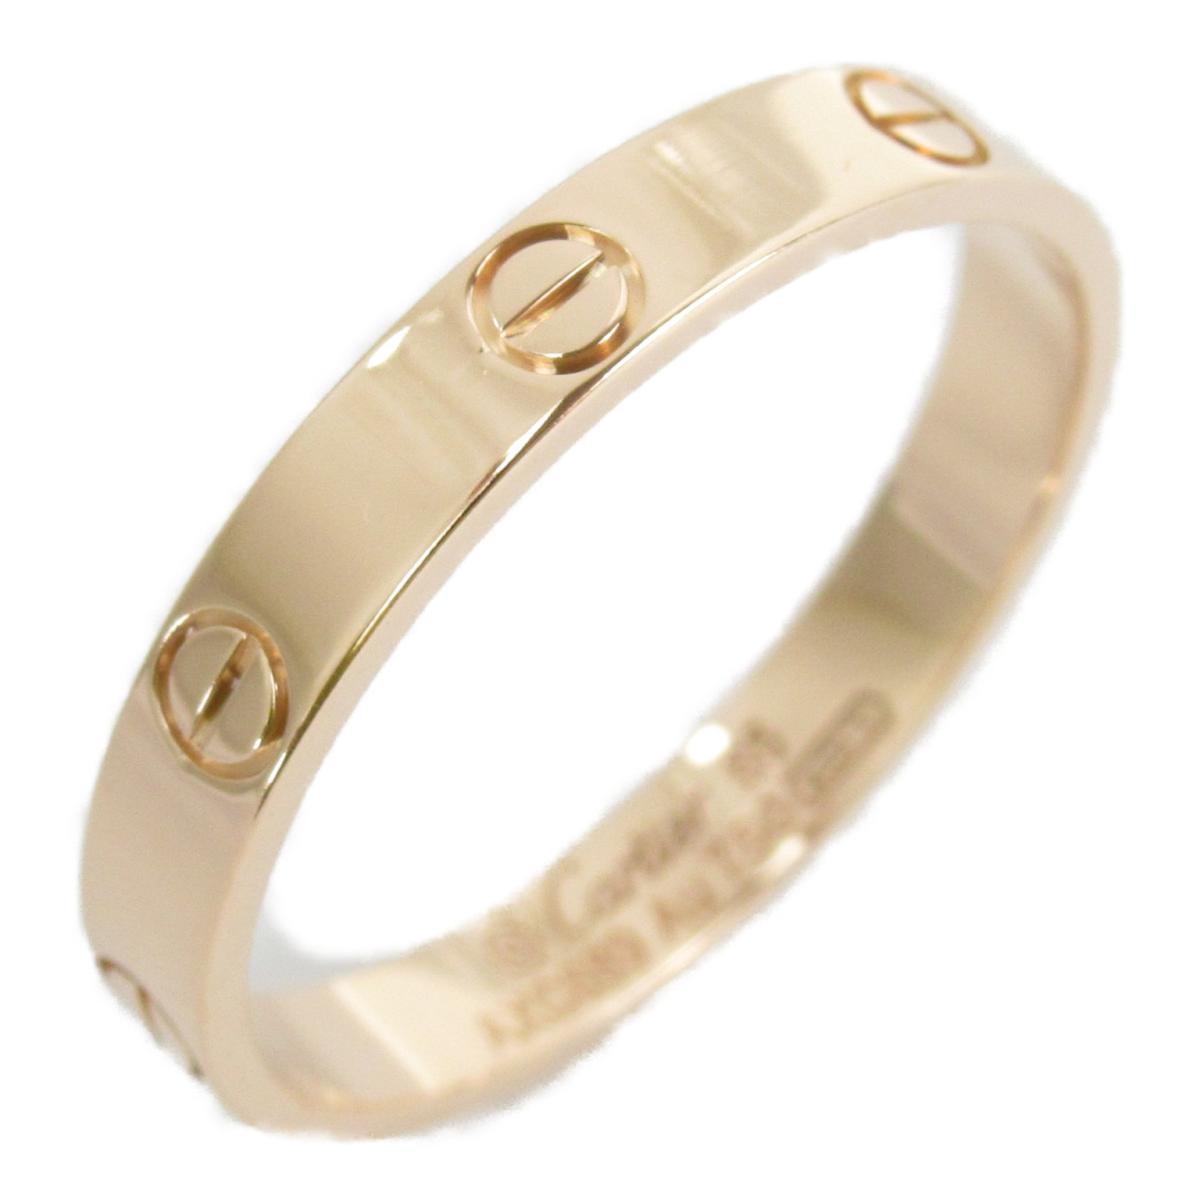 絶妙なデザイン 【 ブランド】 カルティエ ミニラブリング (750) 指輪 レディース メンズ レディース K18PG (750) ピンクゴールド | Cartier BRANDOFF ブランドオフ 宝石 ブランド ジュエリー アクセサリー リング, サウスコースト:130596b9 --- easassoinfo.bsagroup.fr